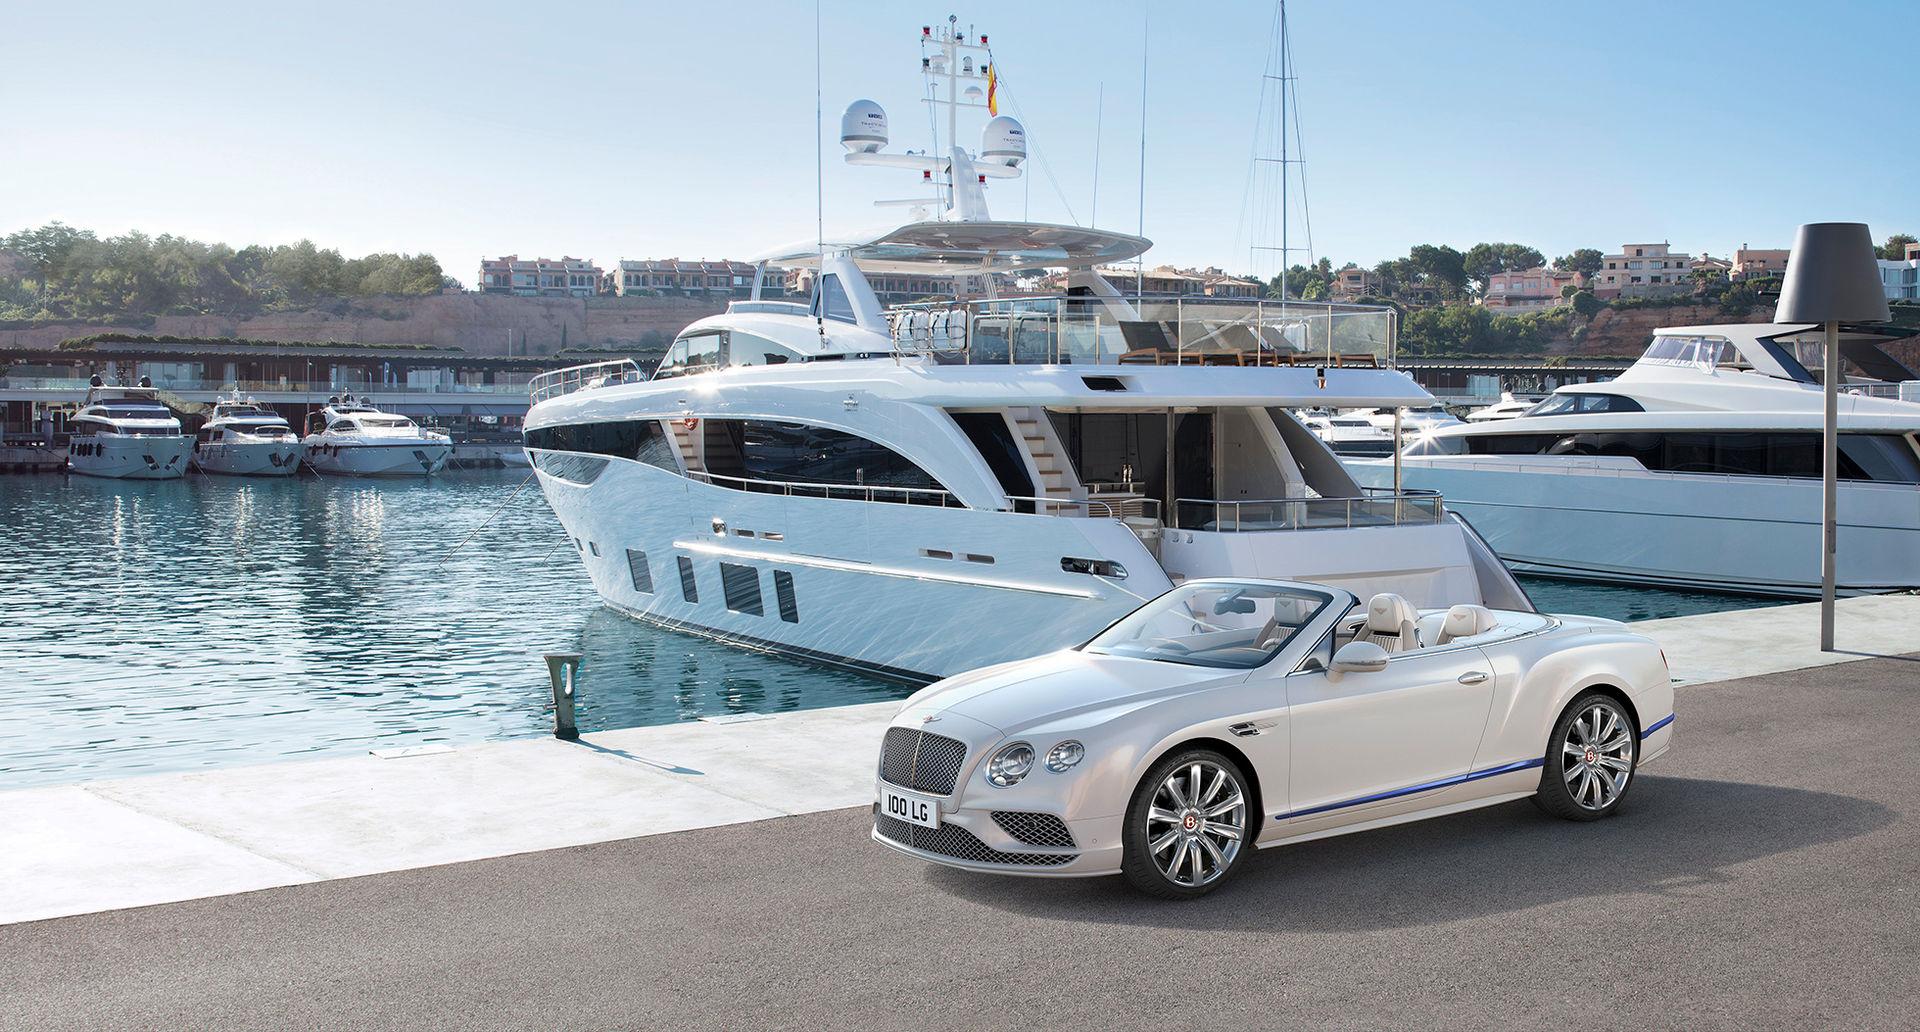 Ny specialversion av Bentley Continental GT